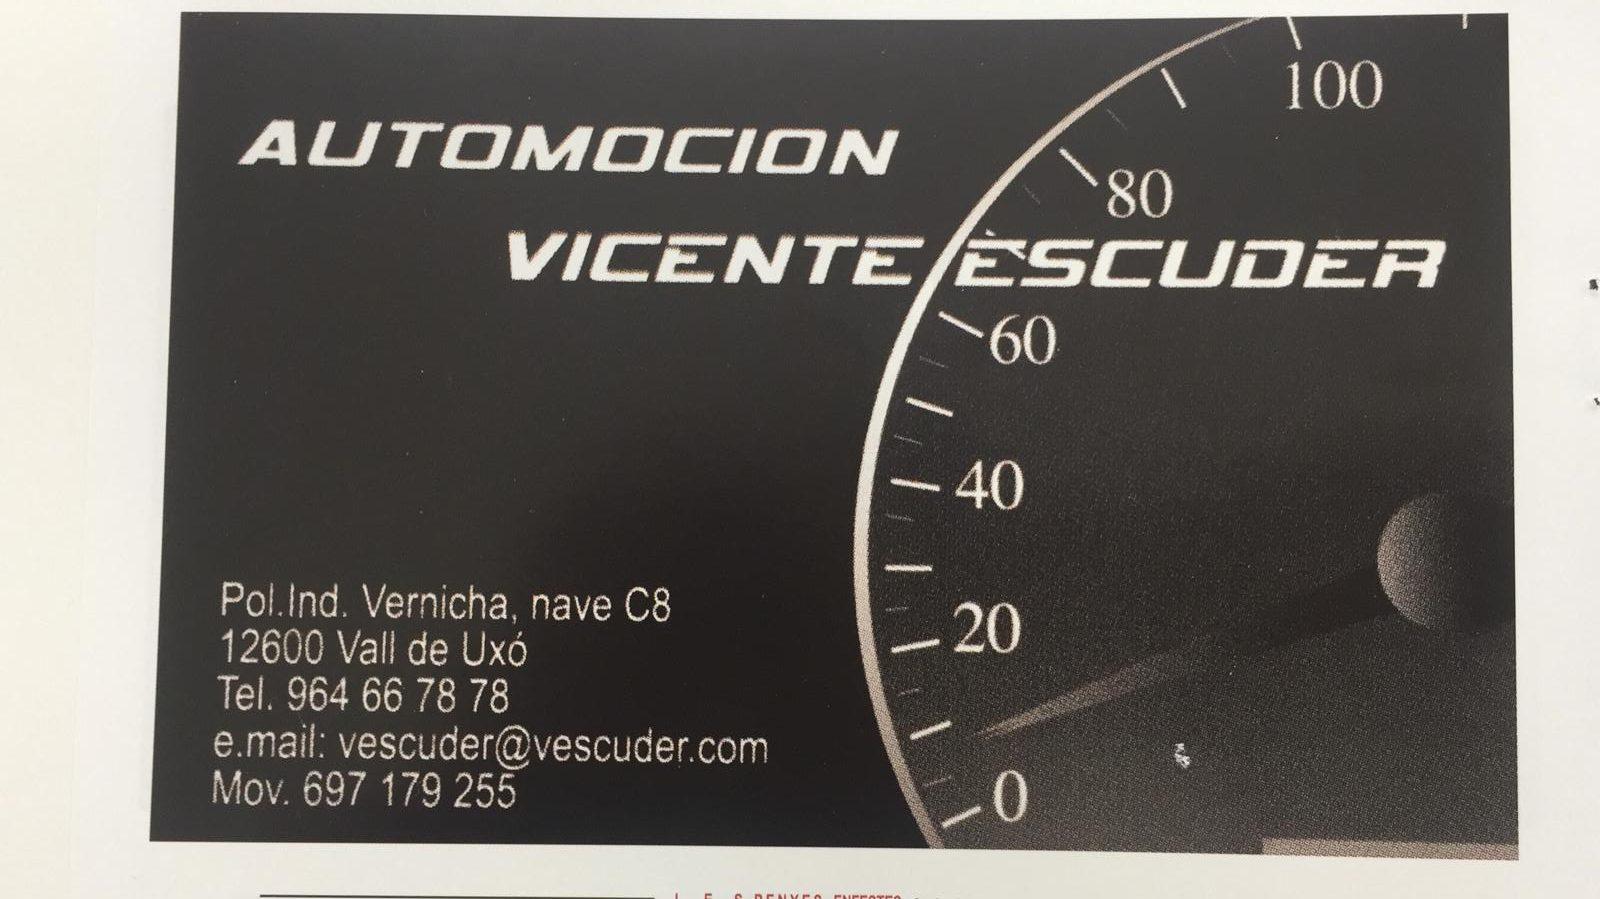 Automocion Vicente Escuder